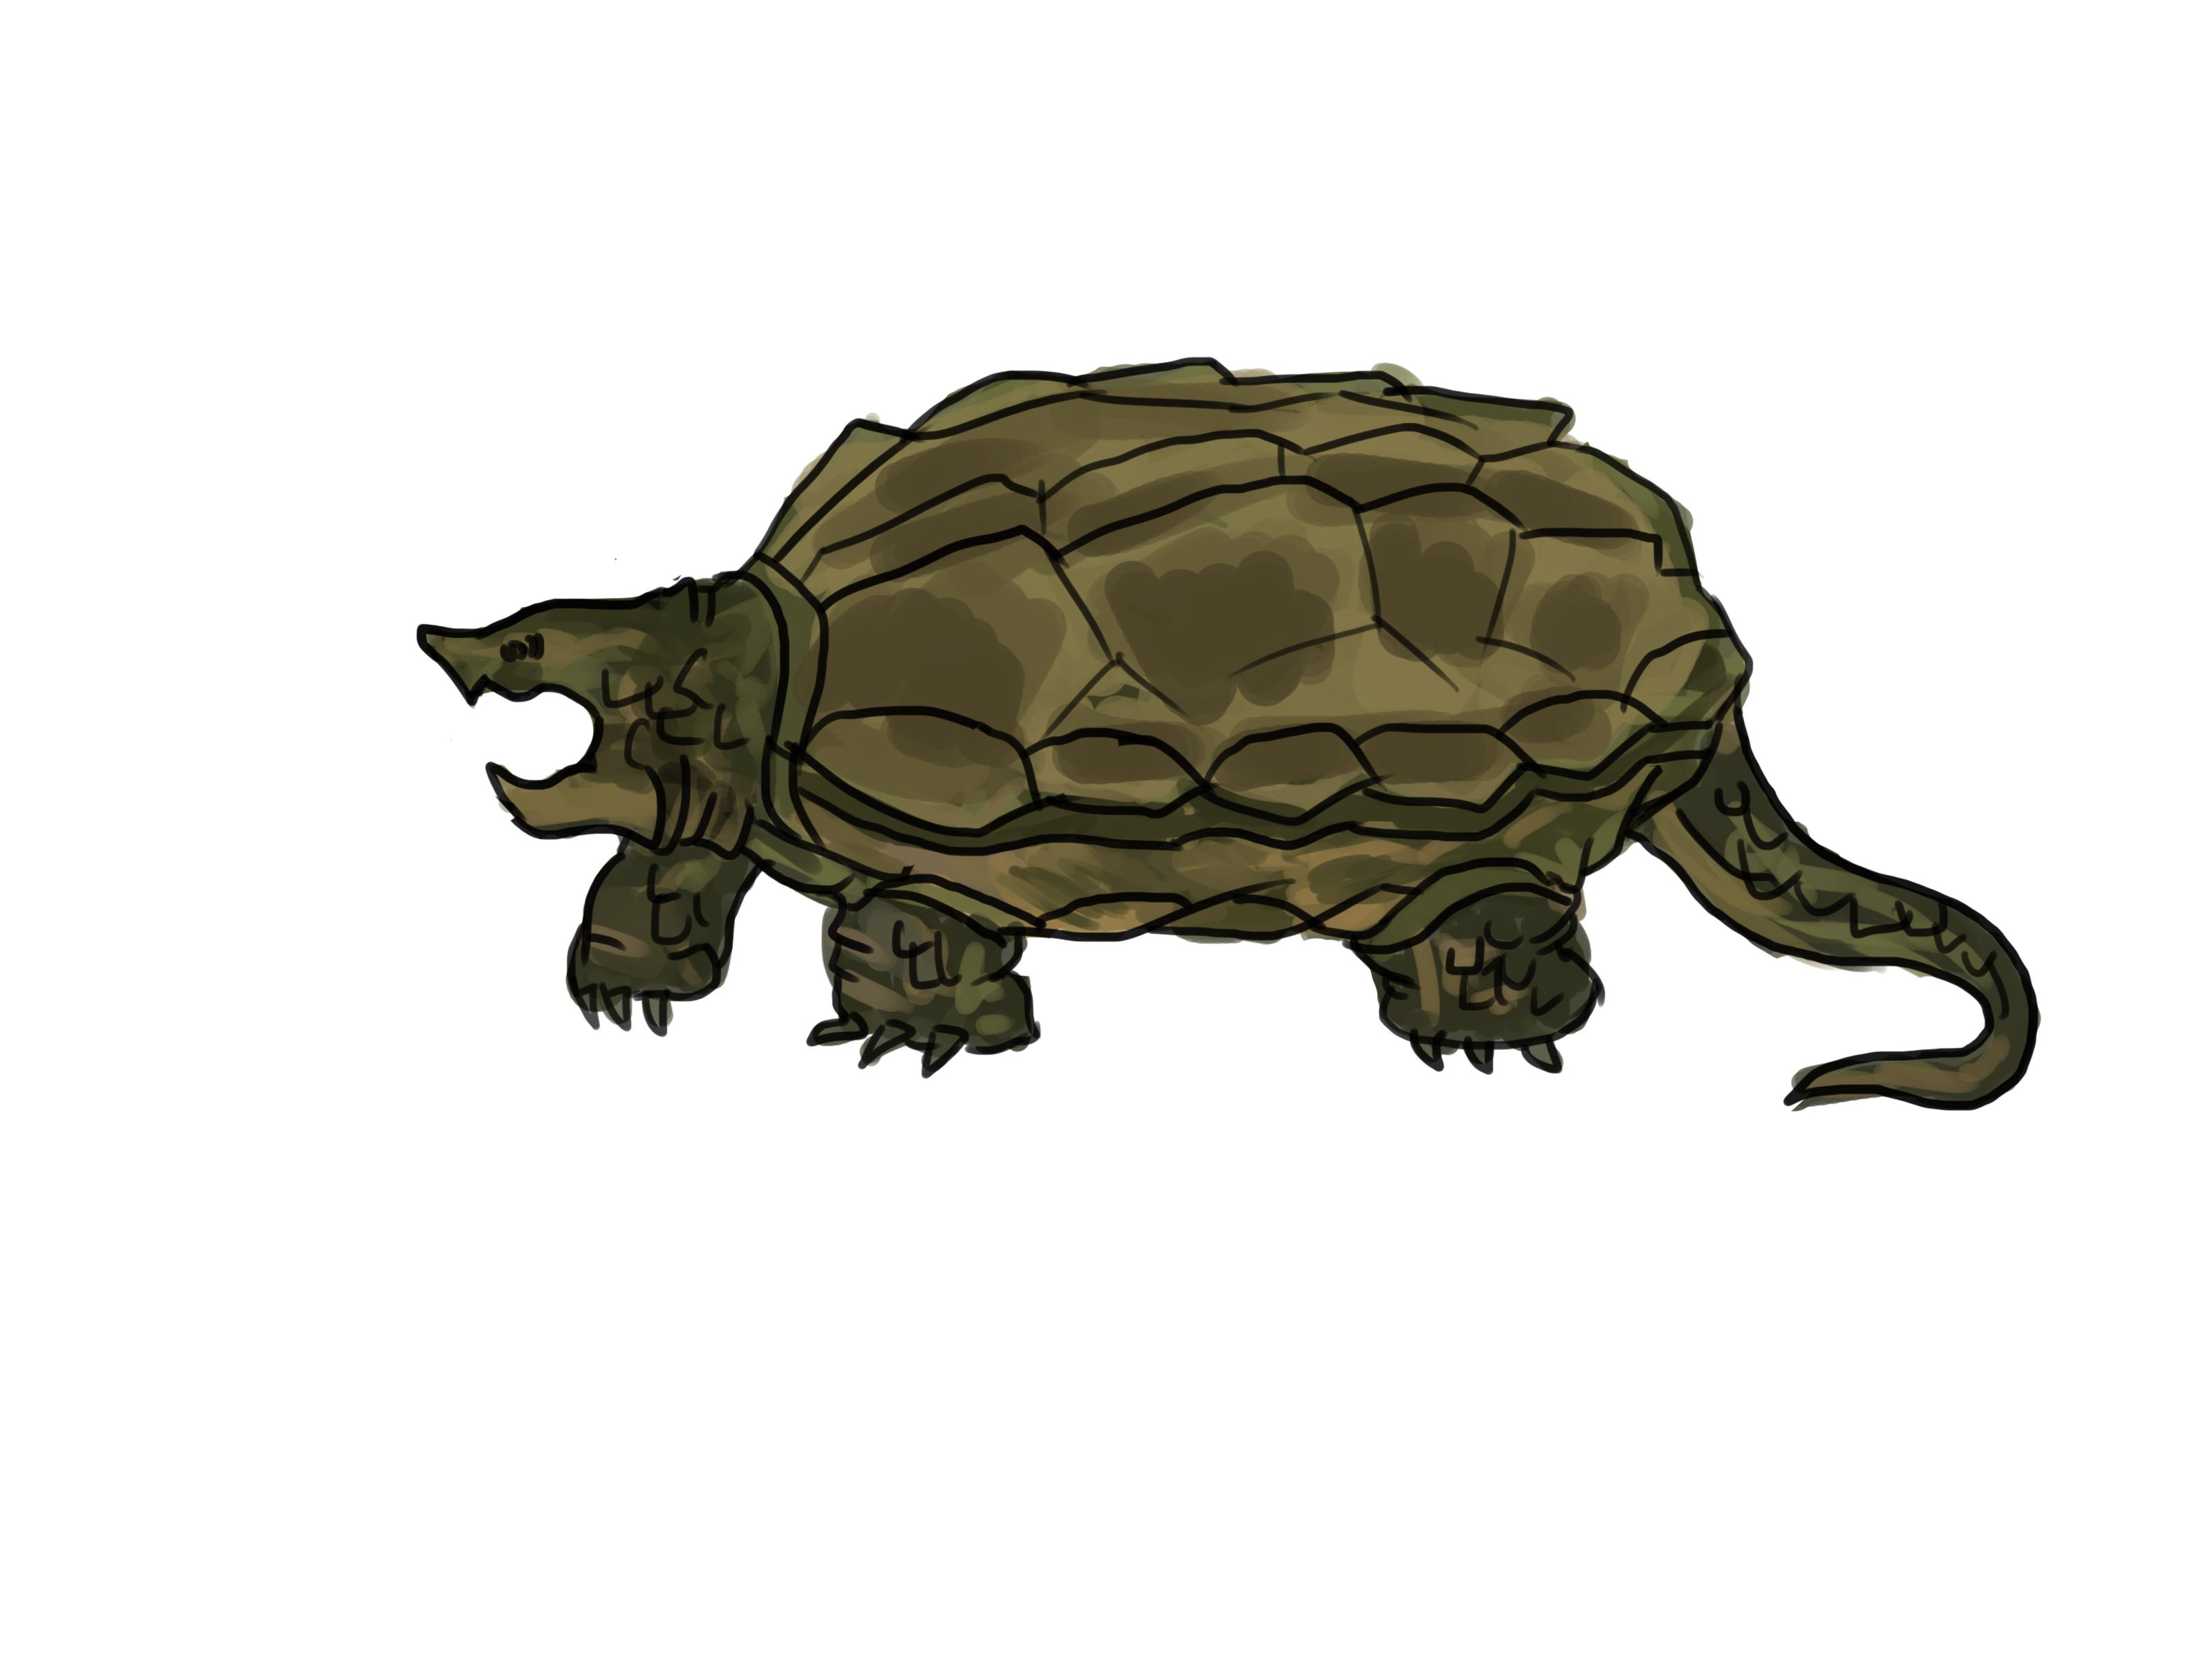 3200x2400 4 Ways To Draw A Turtle